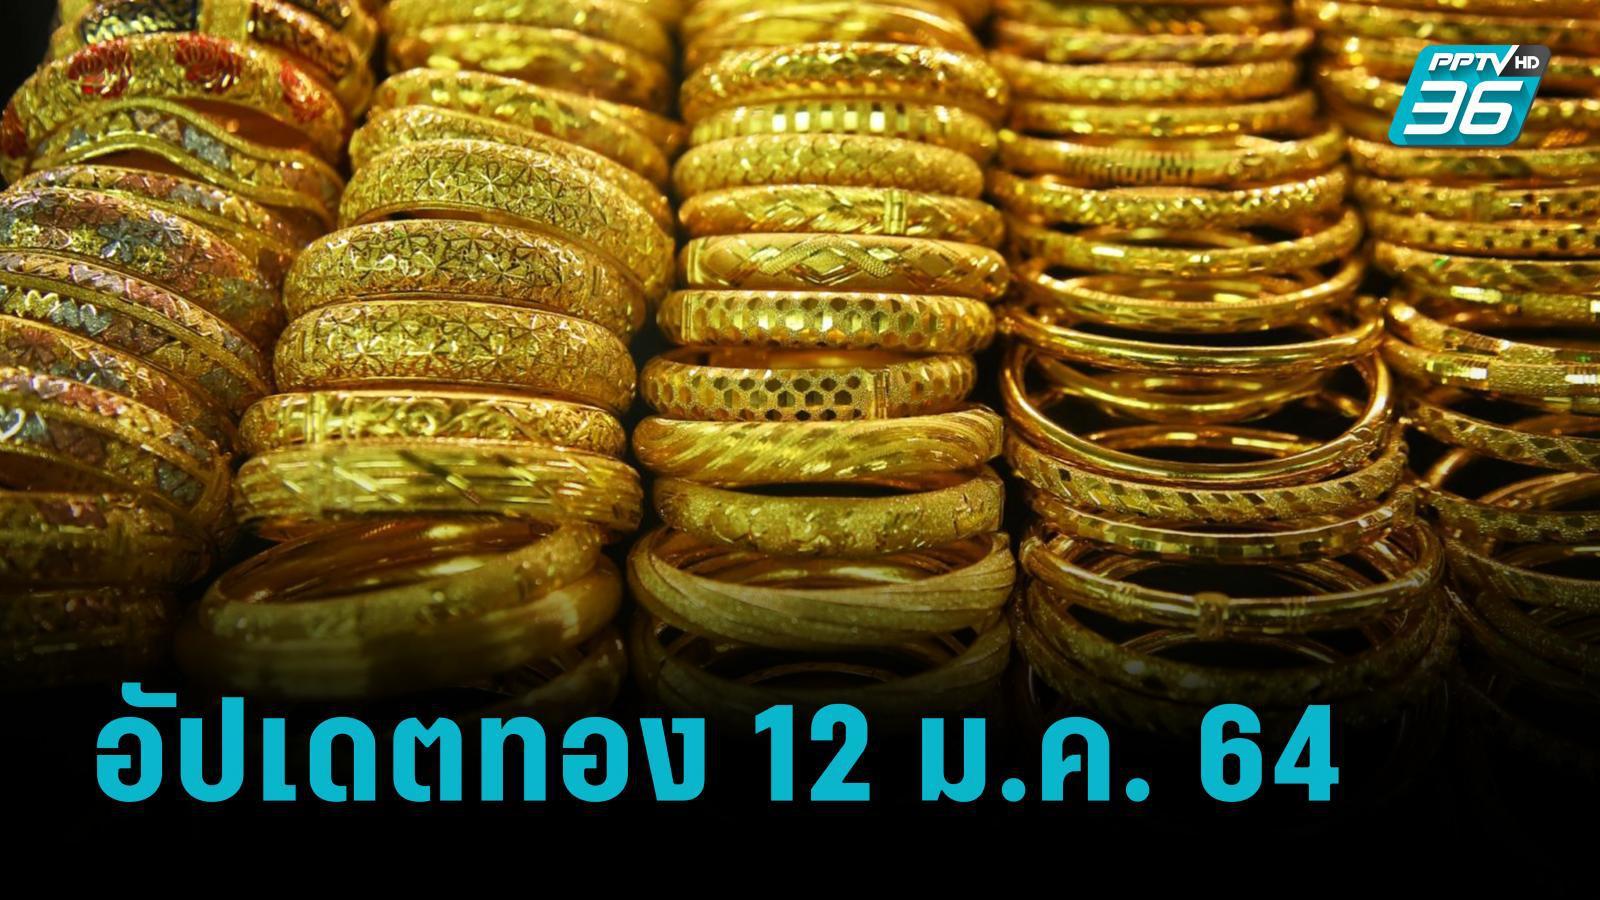 ราคาทองวันนี้ –12 ม.ค. 64 ปรับราคา 6 ครั้ง